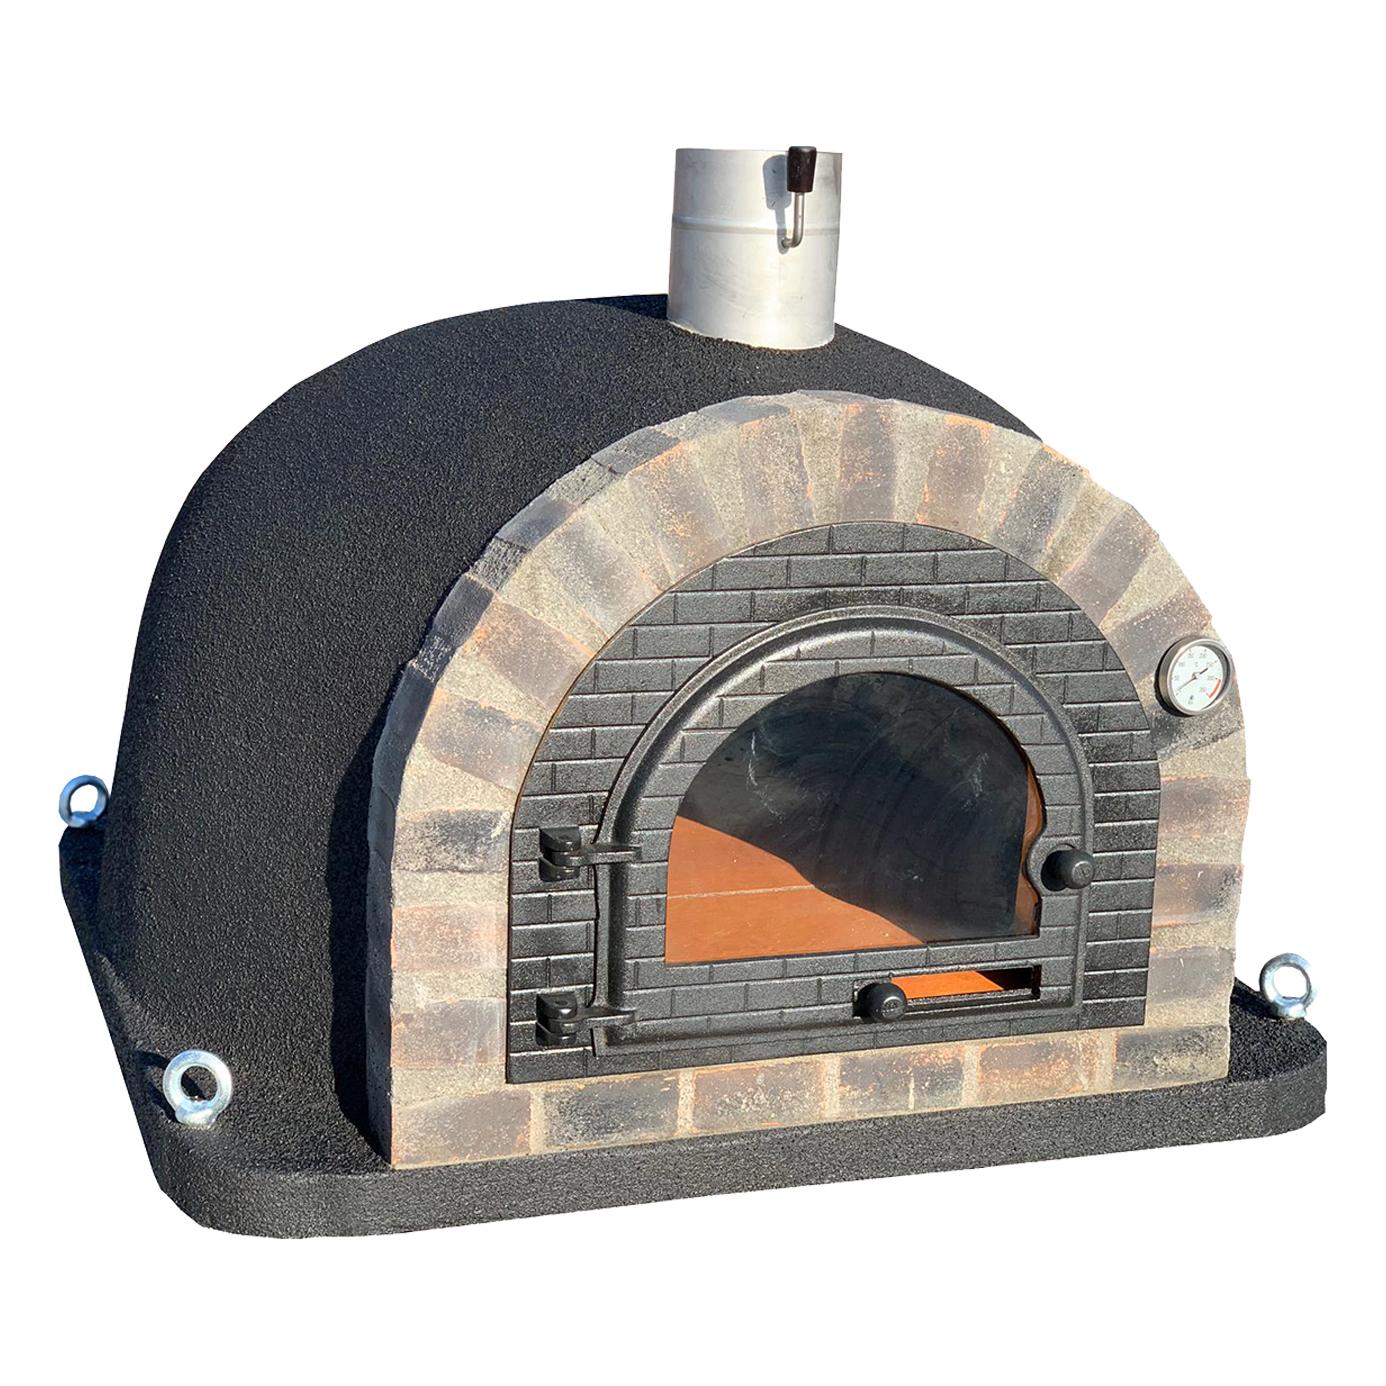 Pizzaugn | Vedugn | Stenugn Forno Deulxe svart med rustikt svart tegel